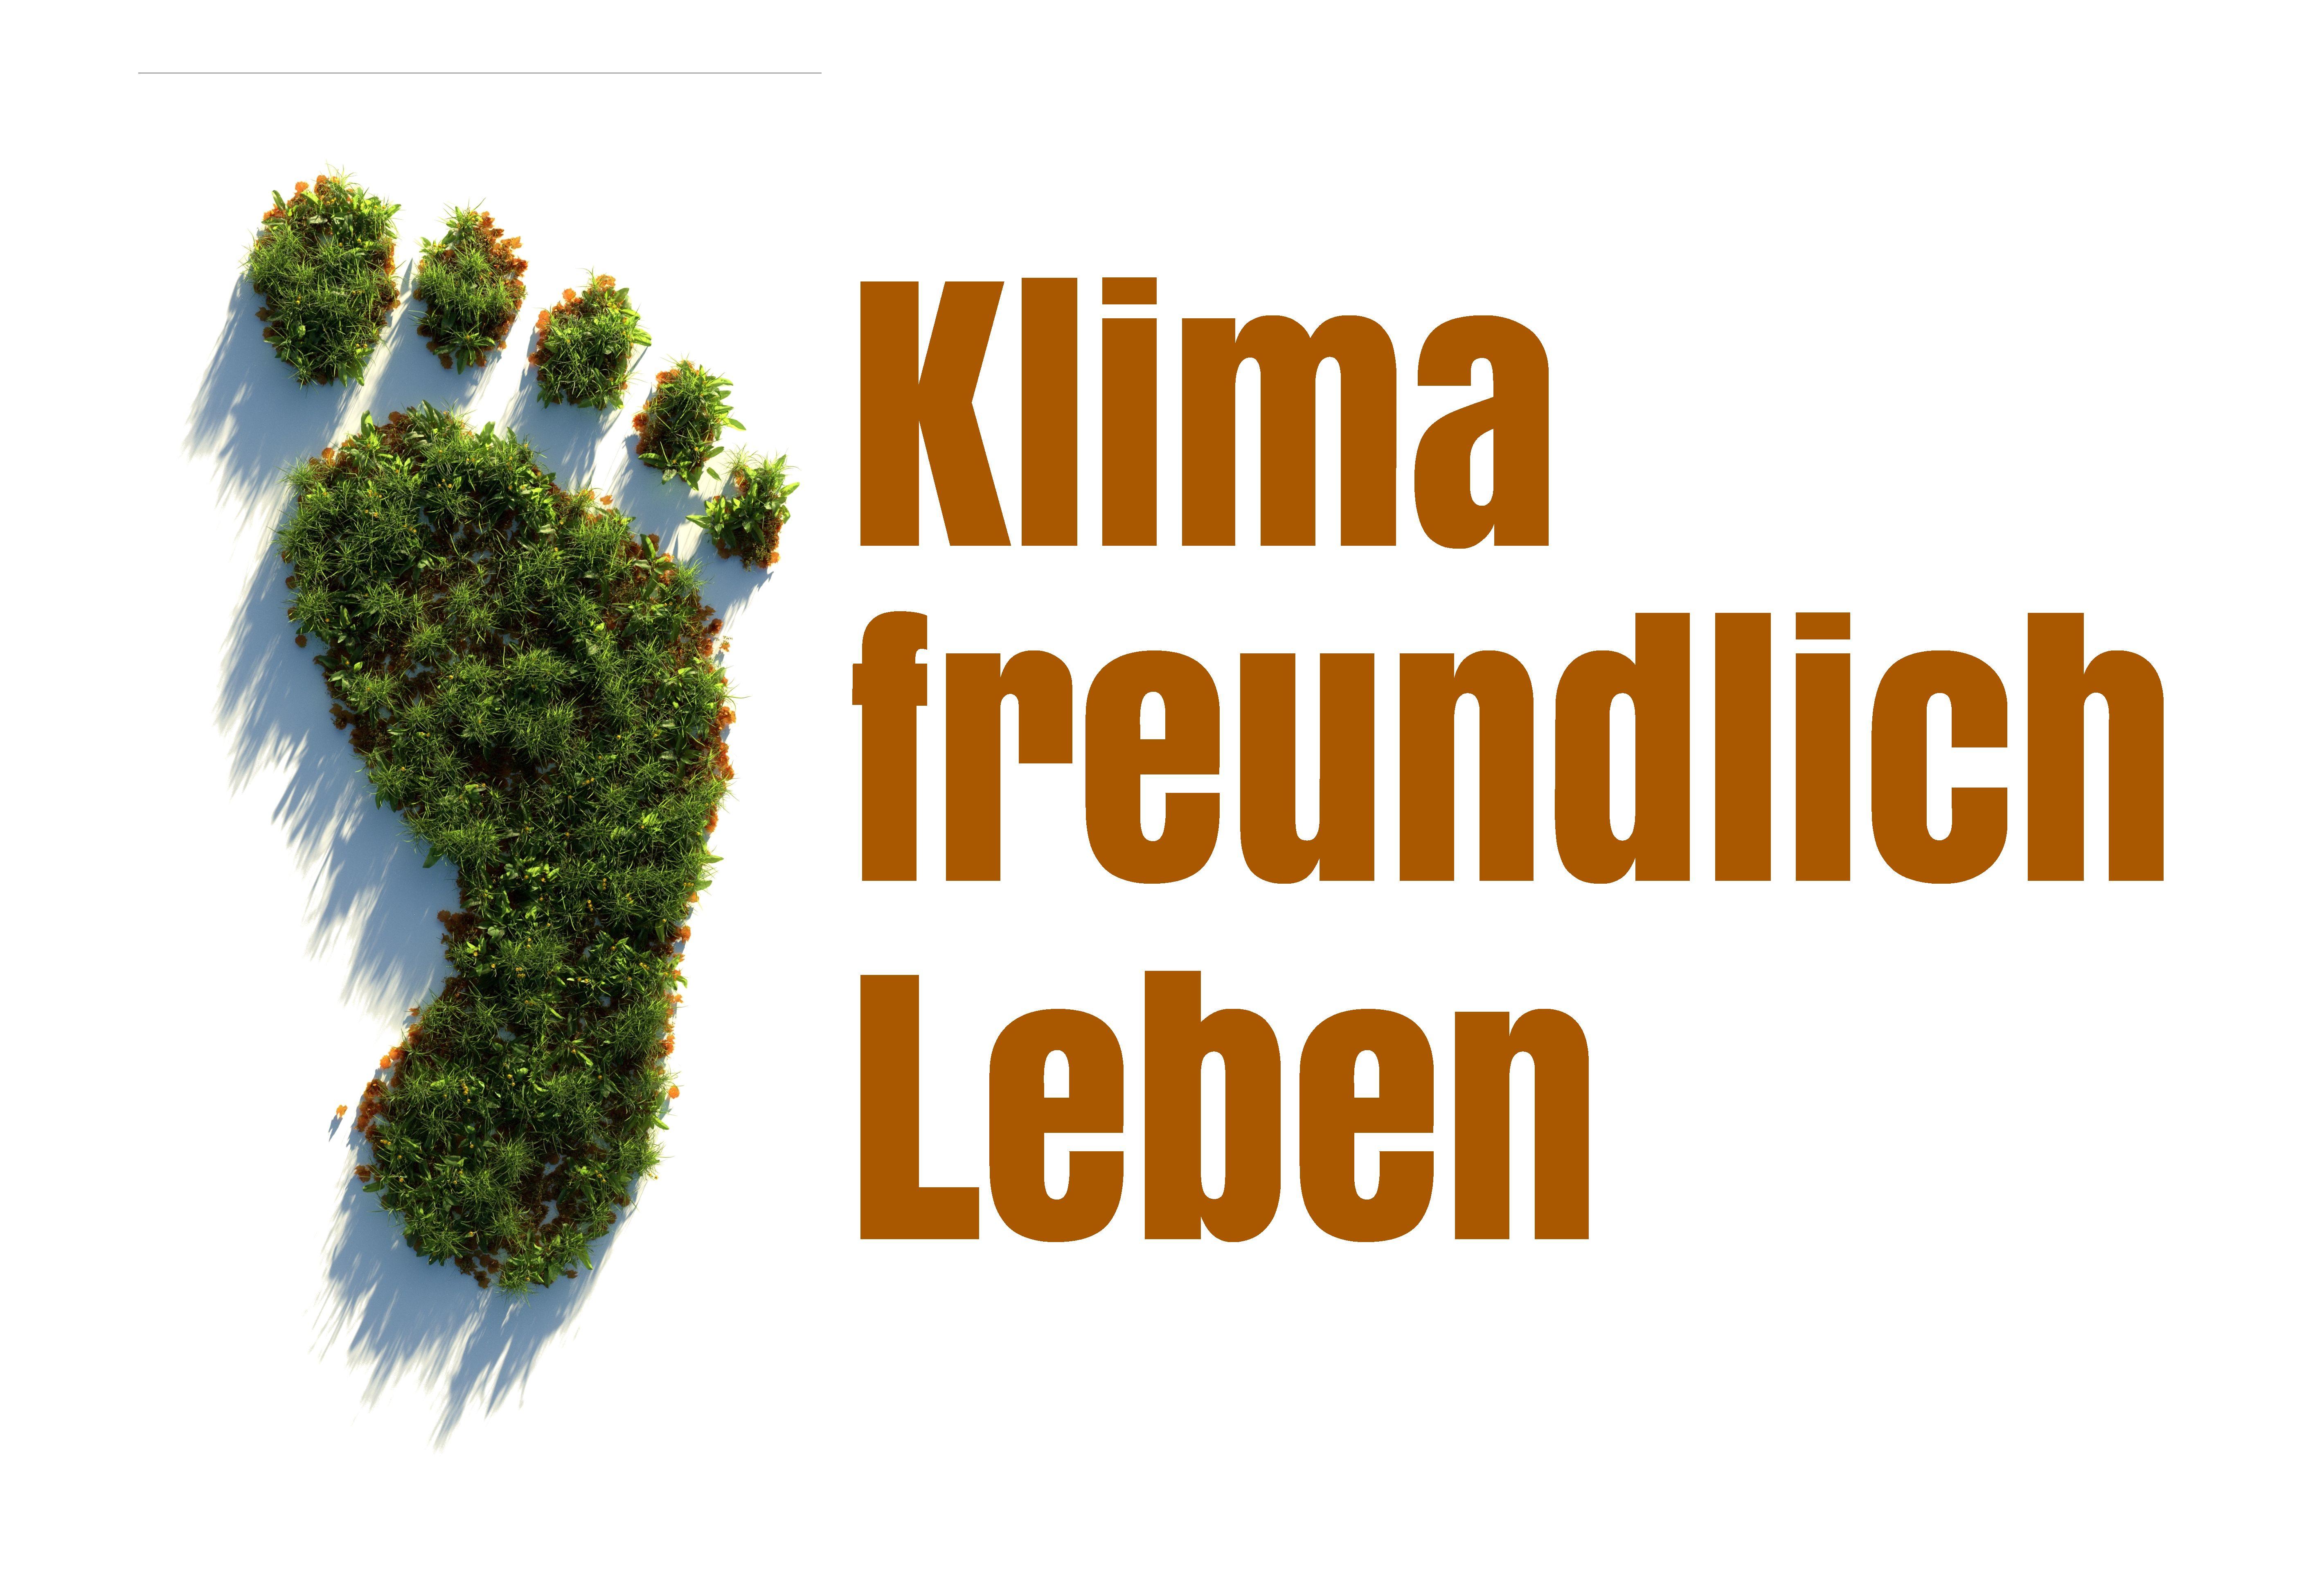 Klimafreundlich leben